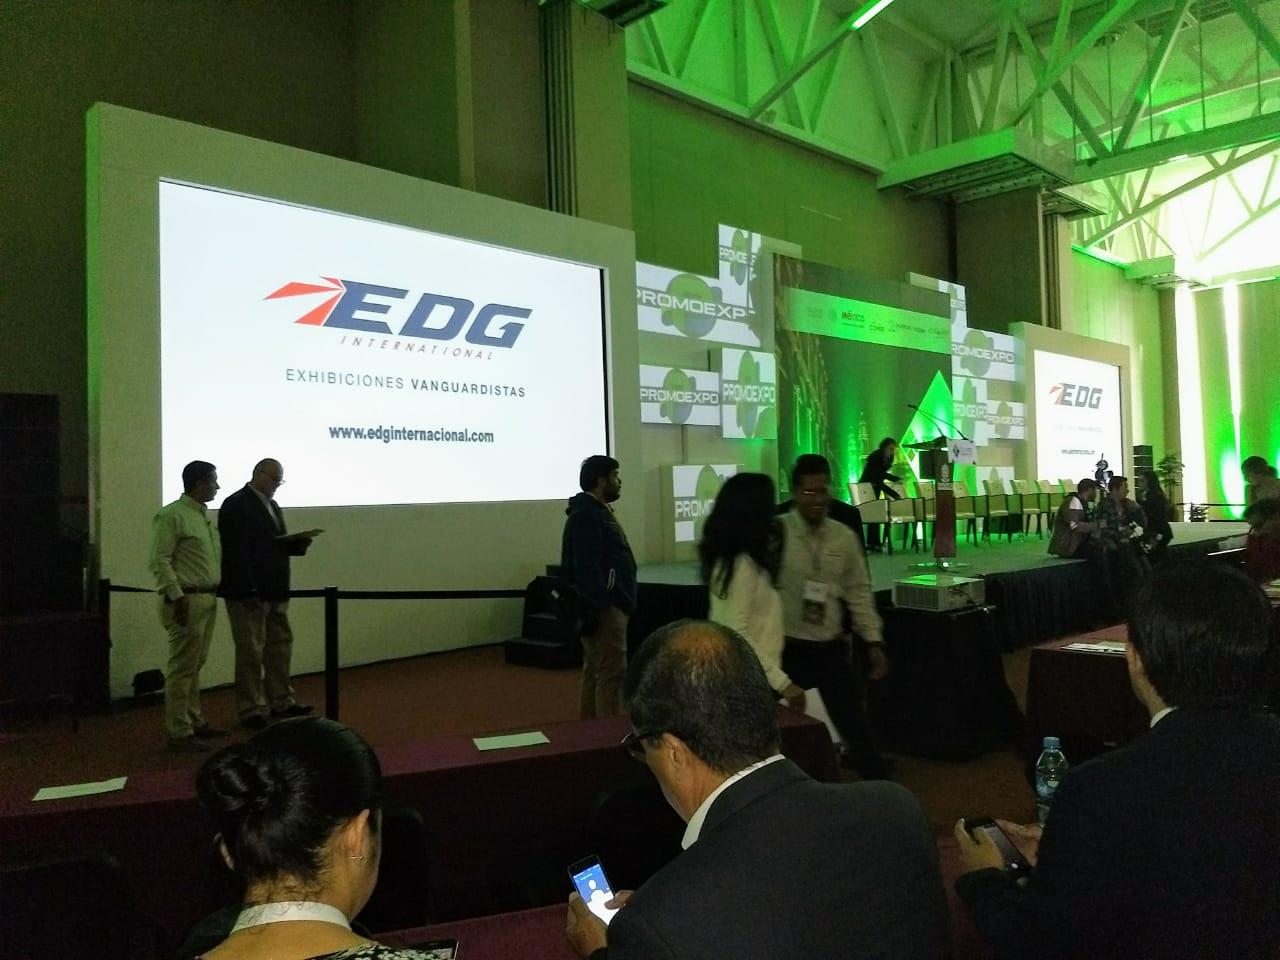 EDG Internacional, Exhibiciones vanguardistas